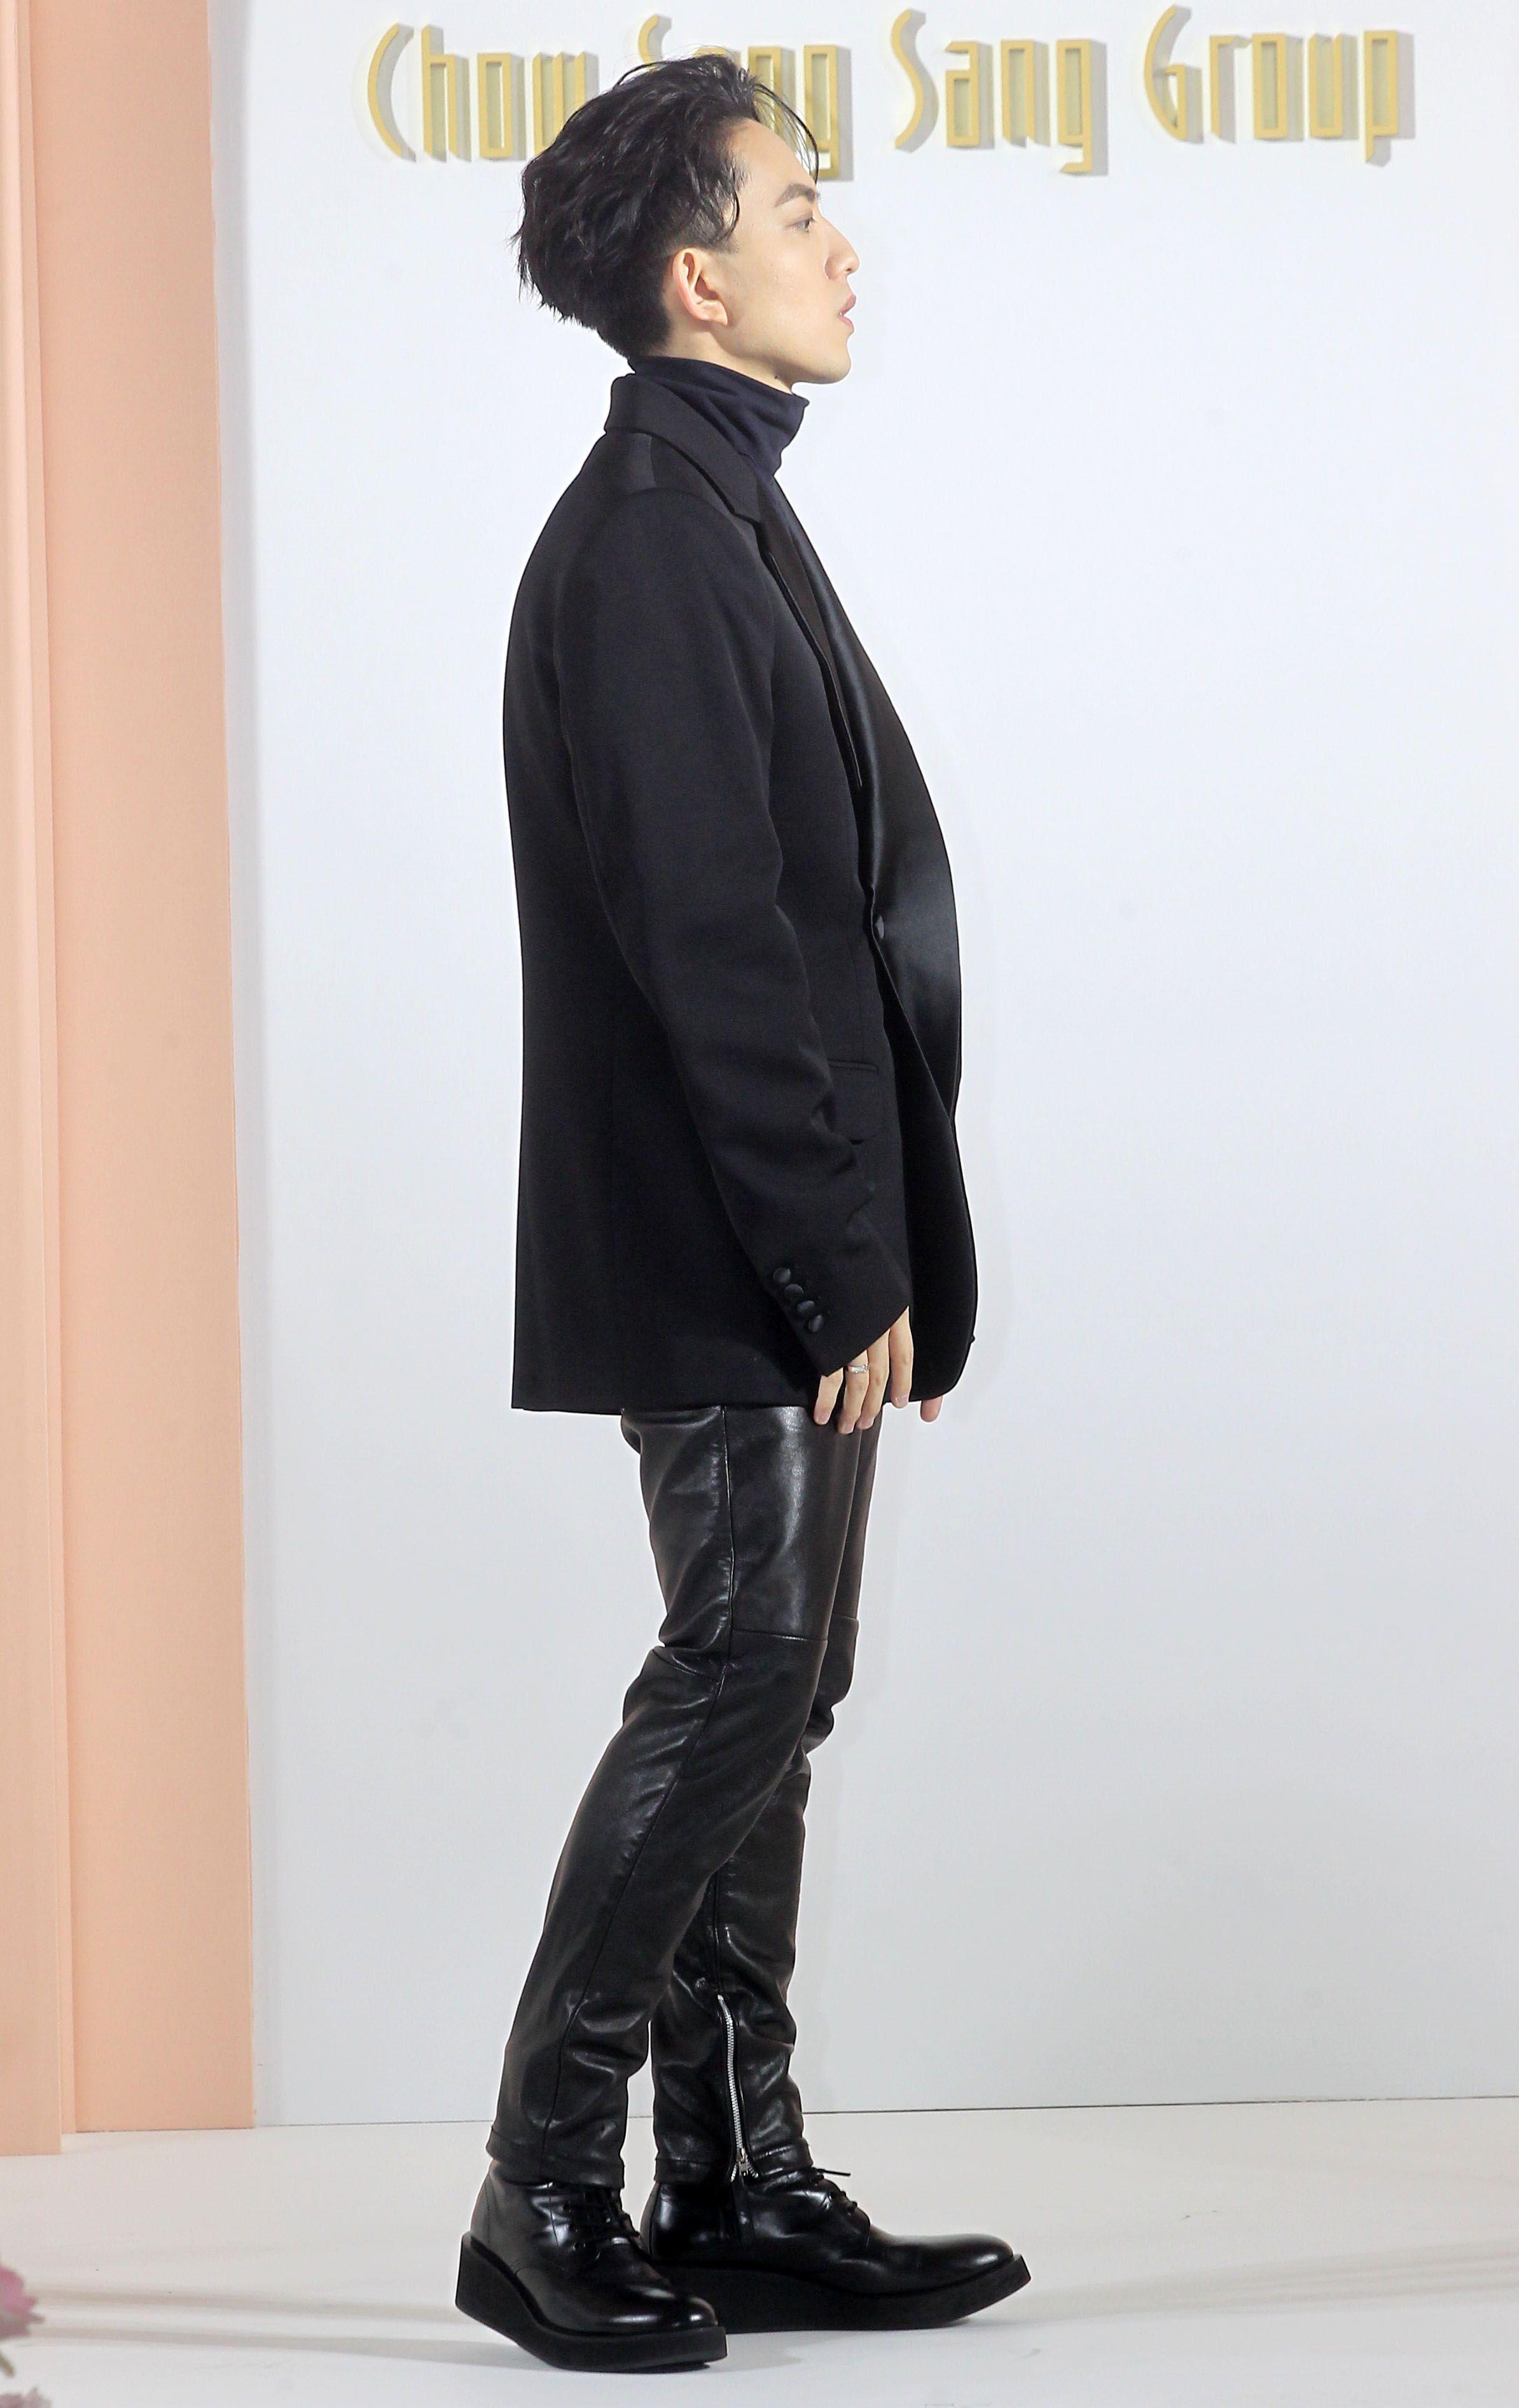 林宥嘉結婚2年多,做人速度之快,林宥嘉又當爸了,丁文琪喜懷第二胎。(記者邱榮吉/攝影)